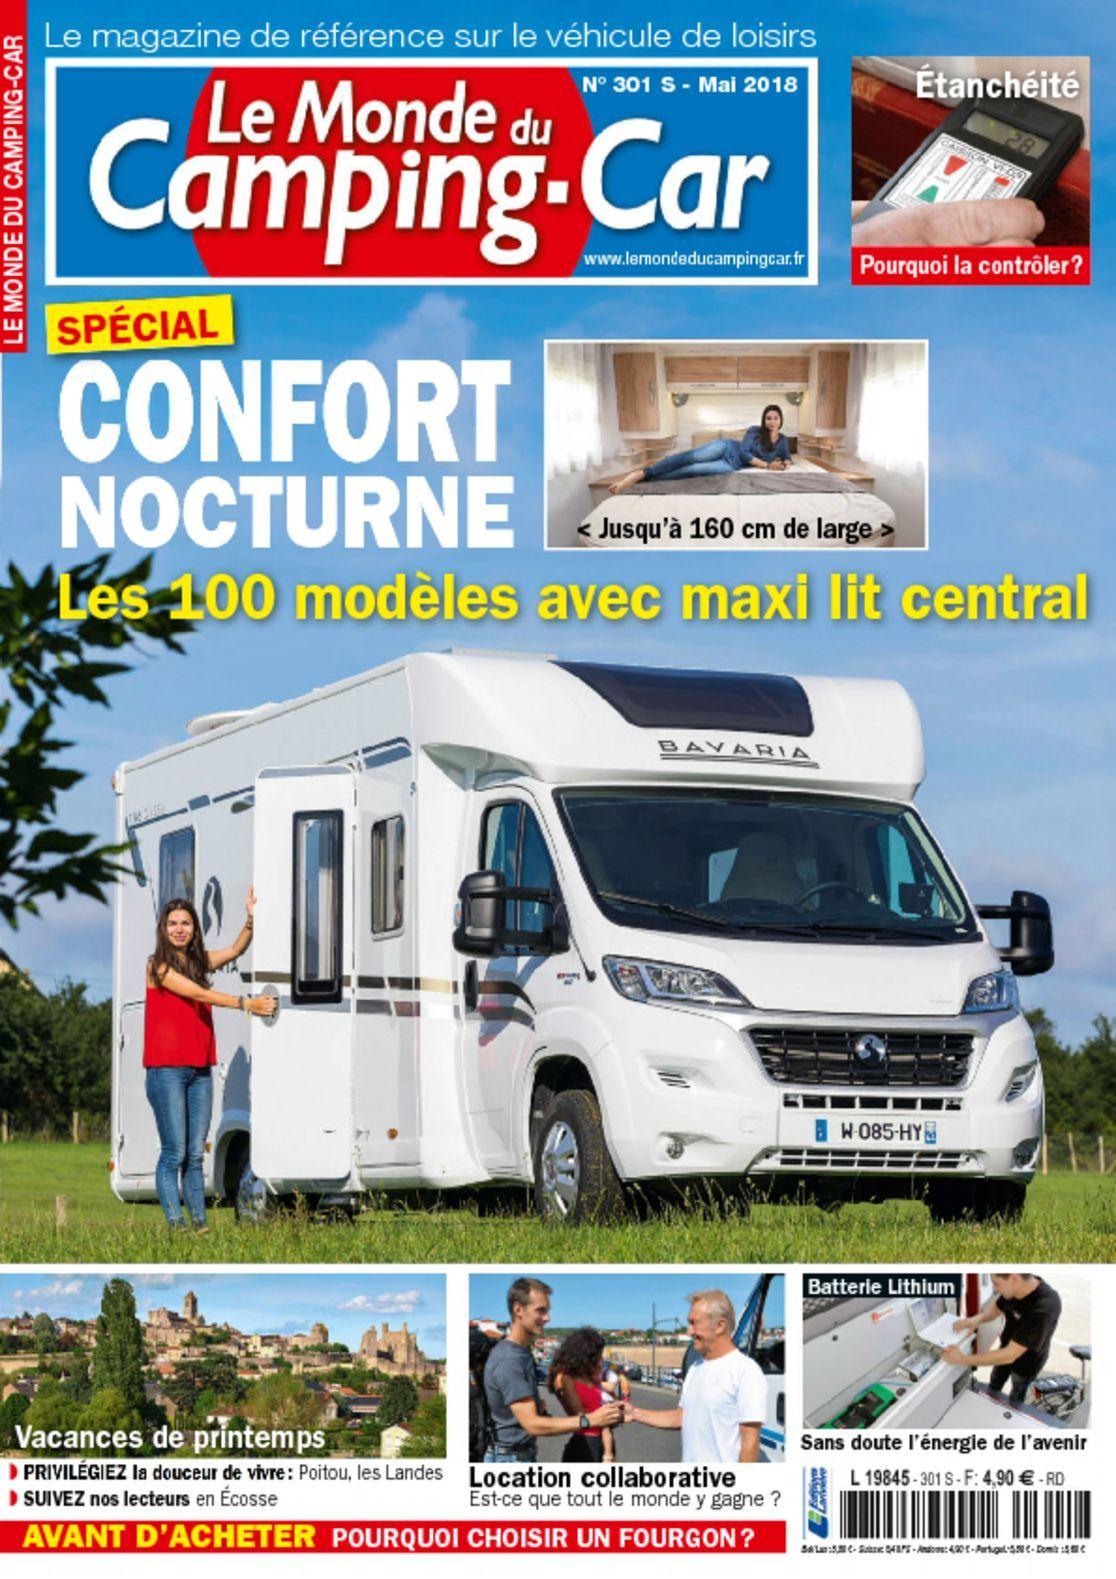 Le monde du camping car magazine digital for Shop le monde